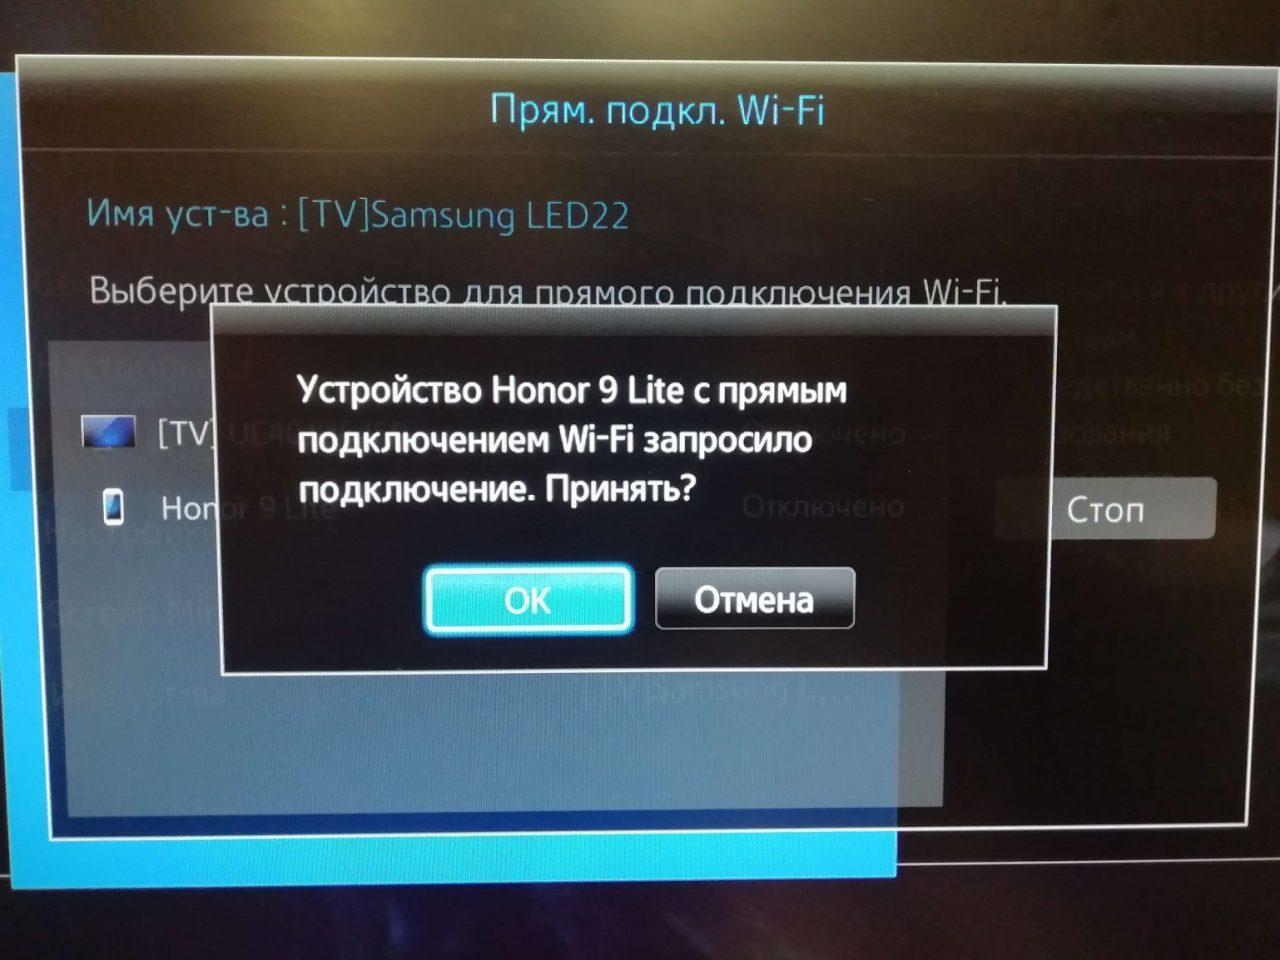 Передача изображения на телевизор по Wi-Fi